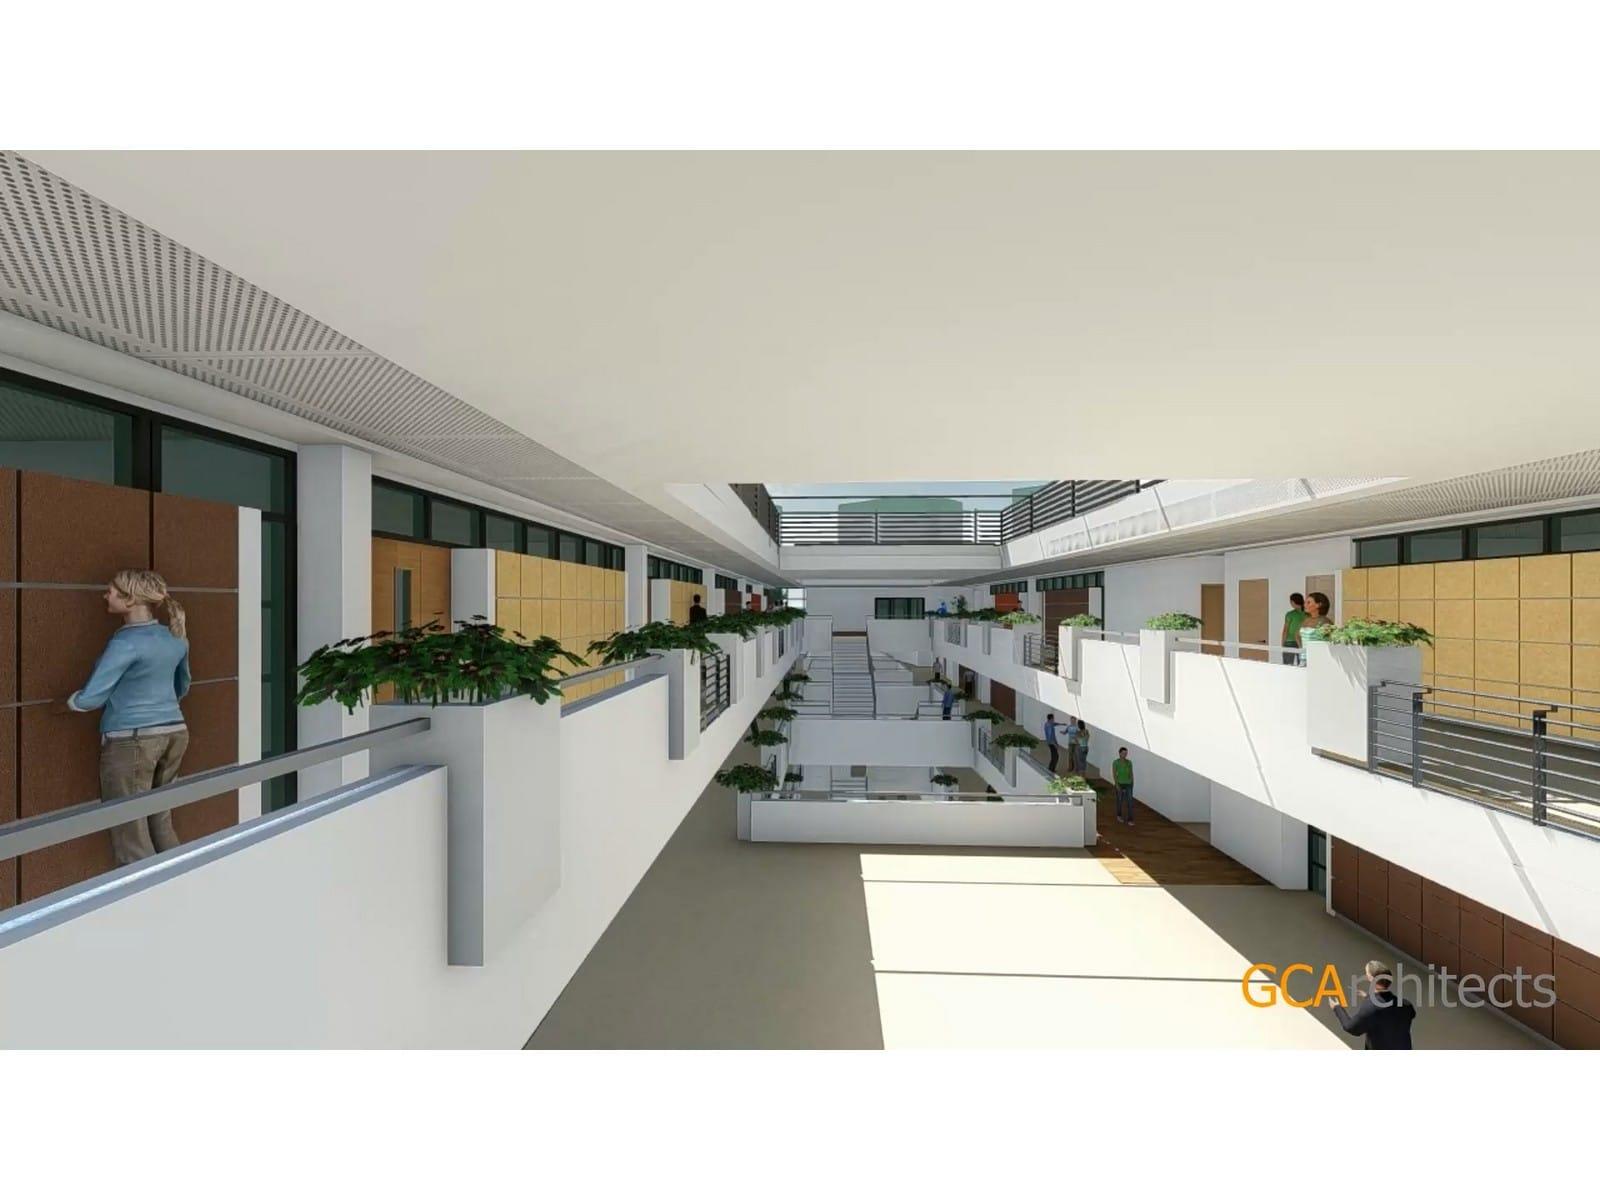 proyecto-de-construccin-de-las-dos-nuevas-escuelas-de-bayside-y-westside-en-waterport-gibraltar_27712734298_o